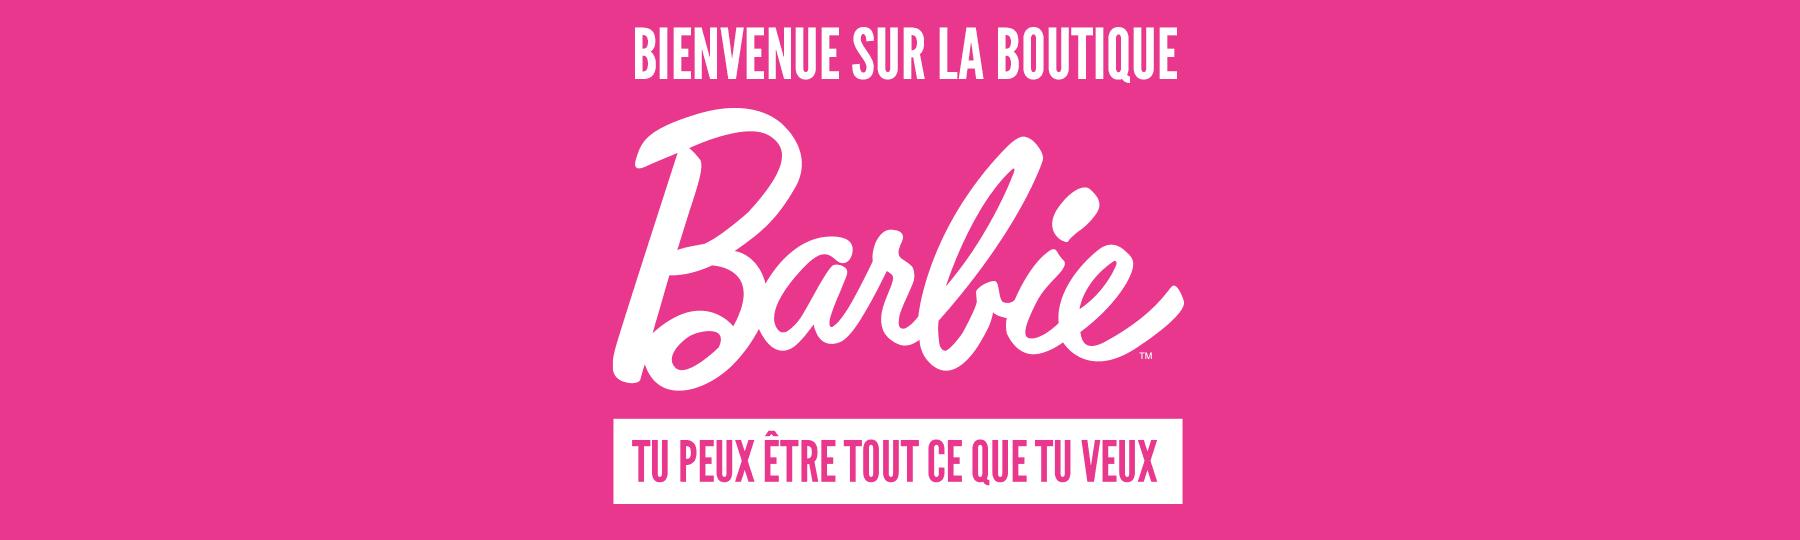 Bienvenue sur la boutique barbie® tu peux être tout ce que tu veux